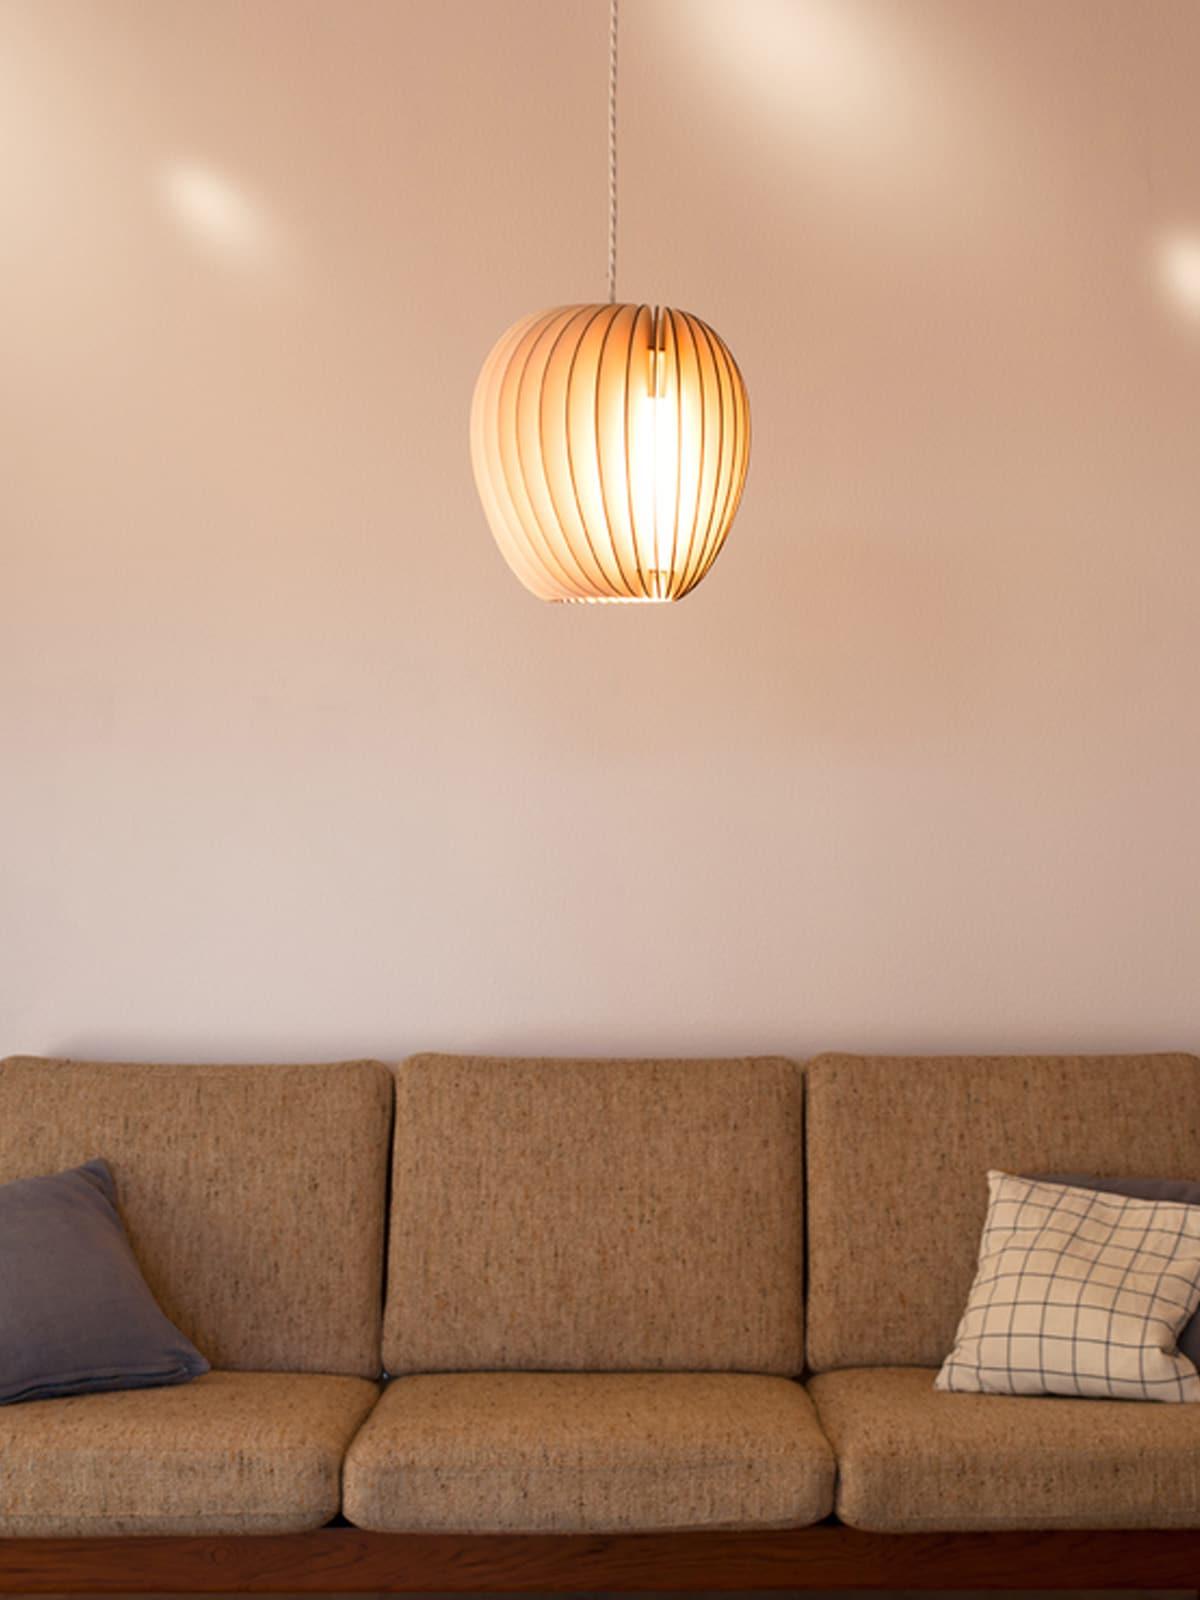 Pirum lampen leuchten designerleuchten online berlin design for Designerleuchten esszimmer